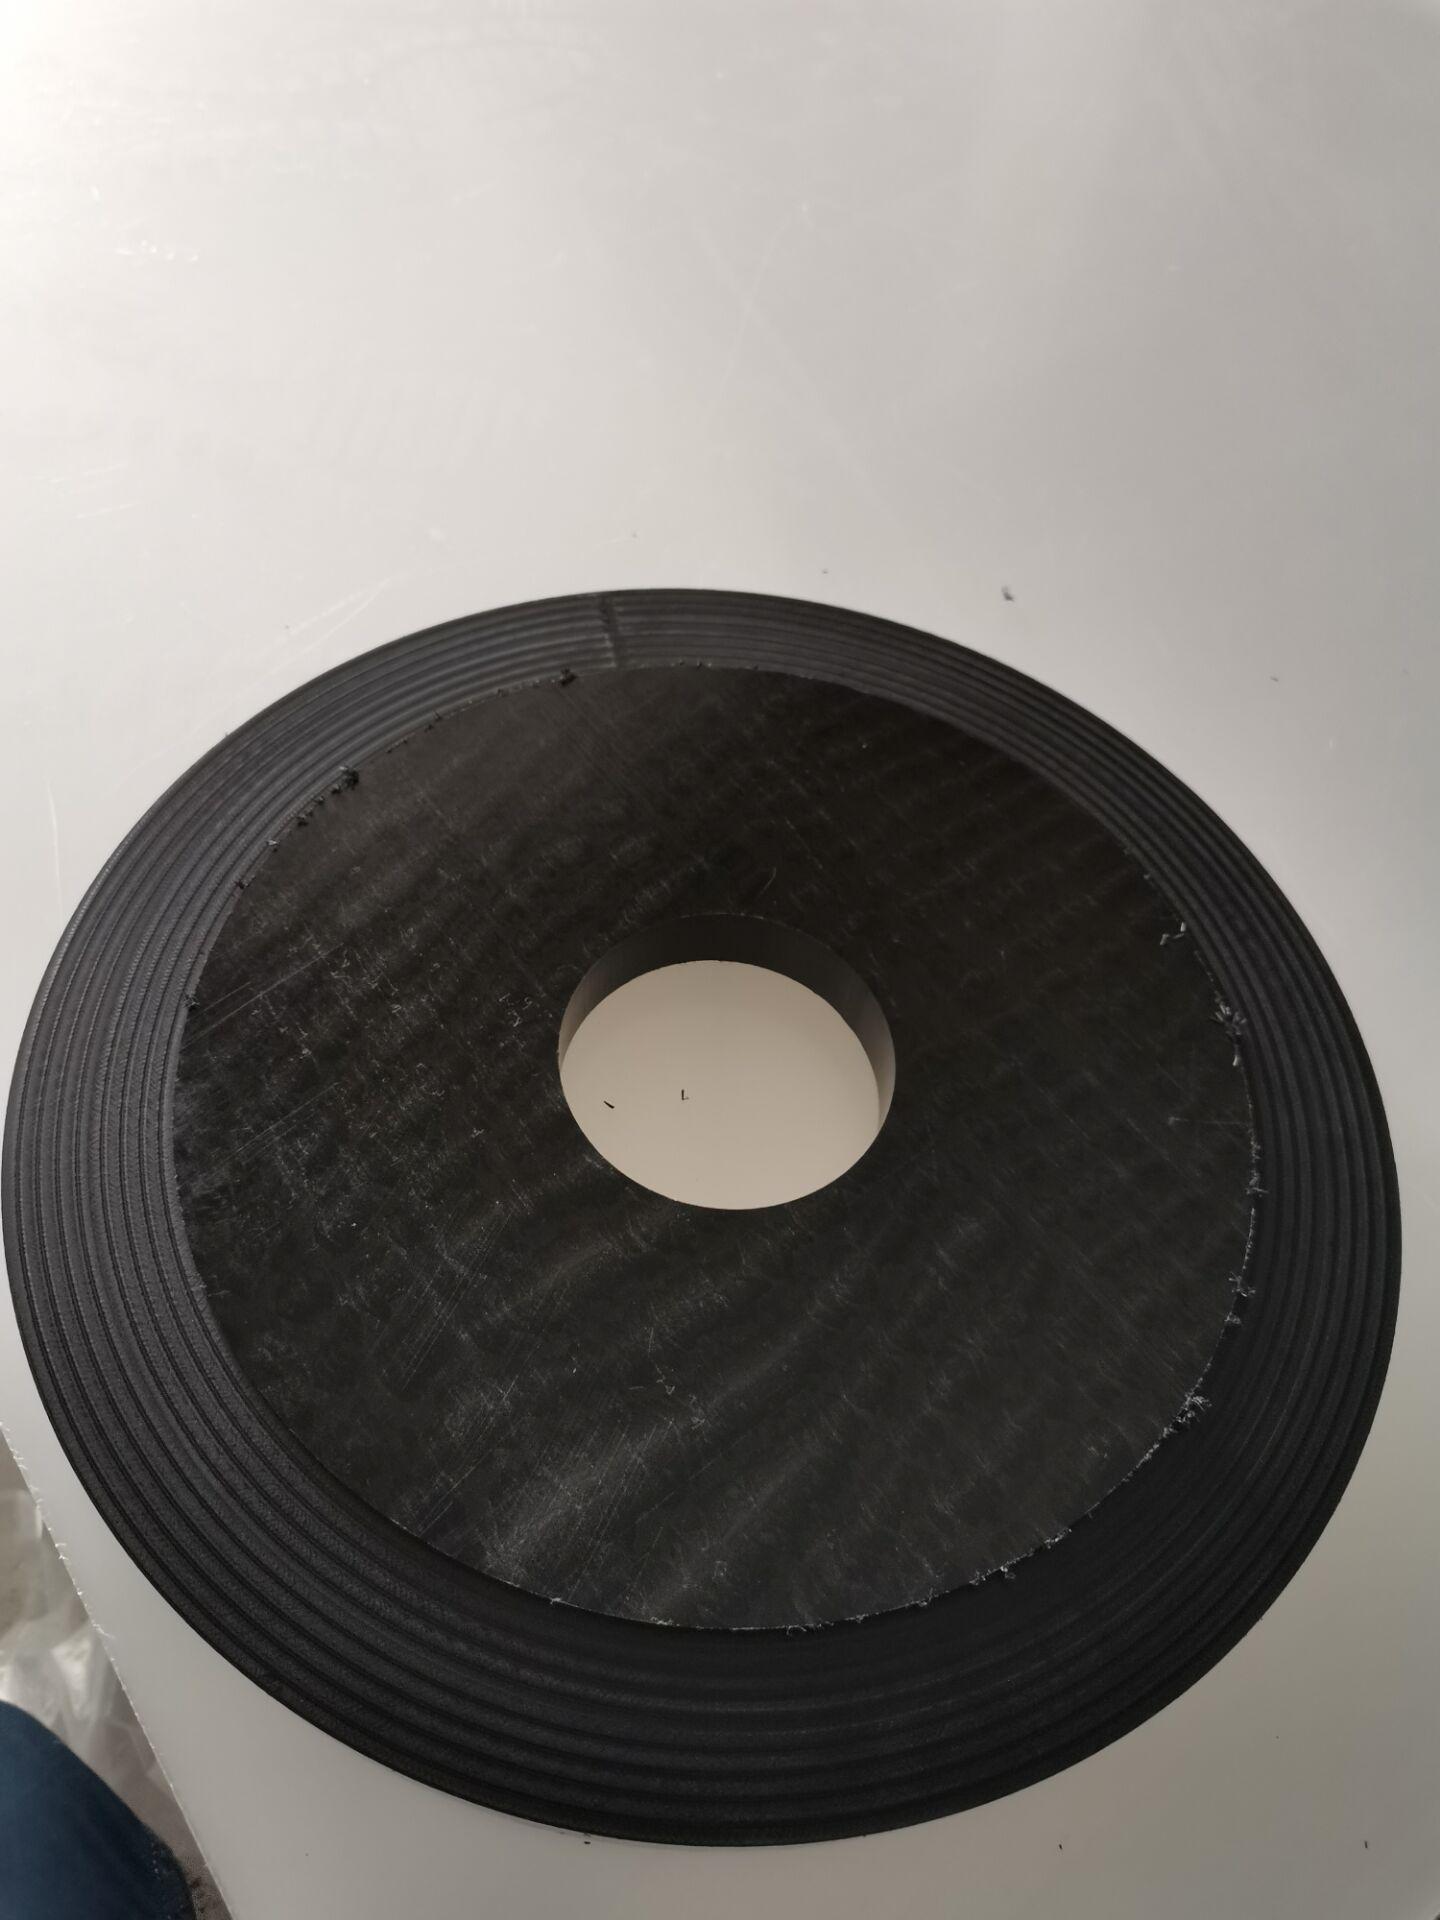 宁波安君有机玻璃制品厂来图来样来料雕刻加工塑料设备配件